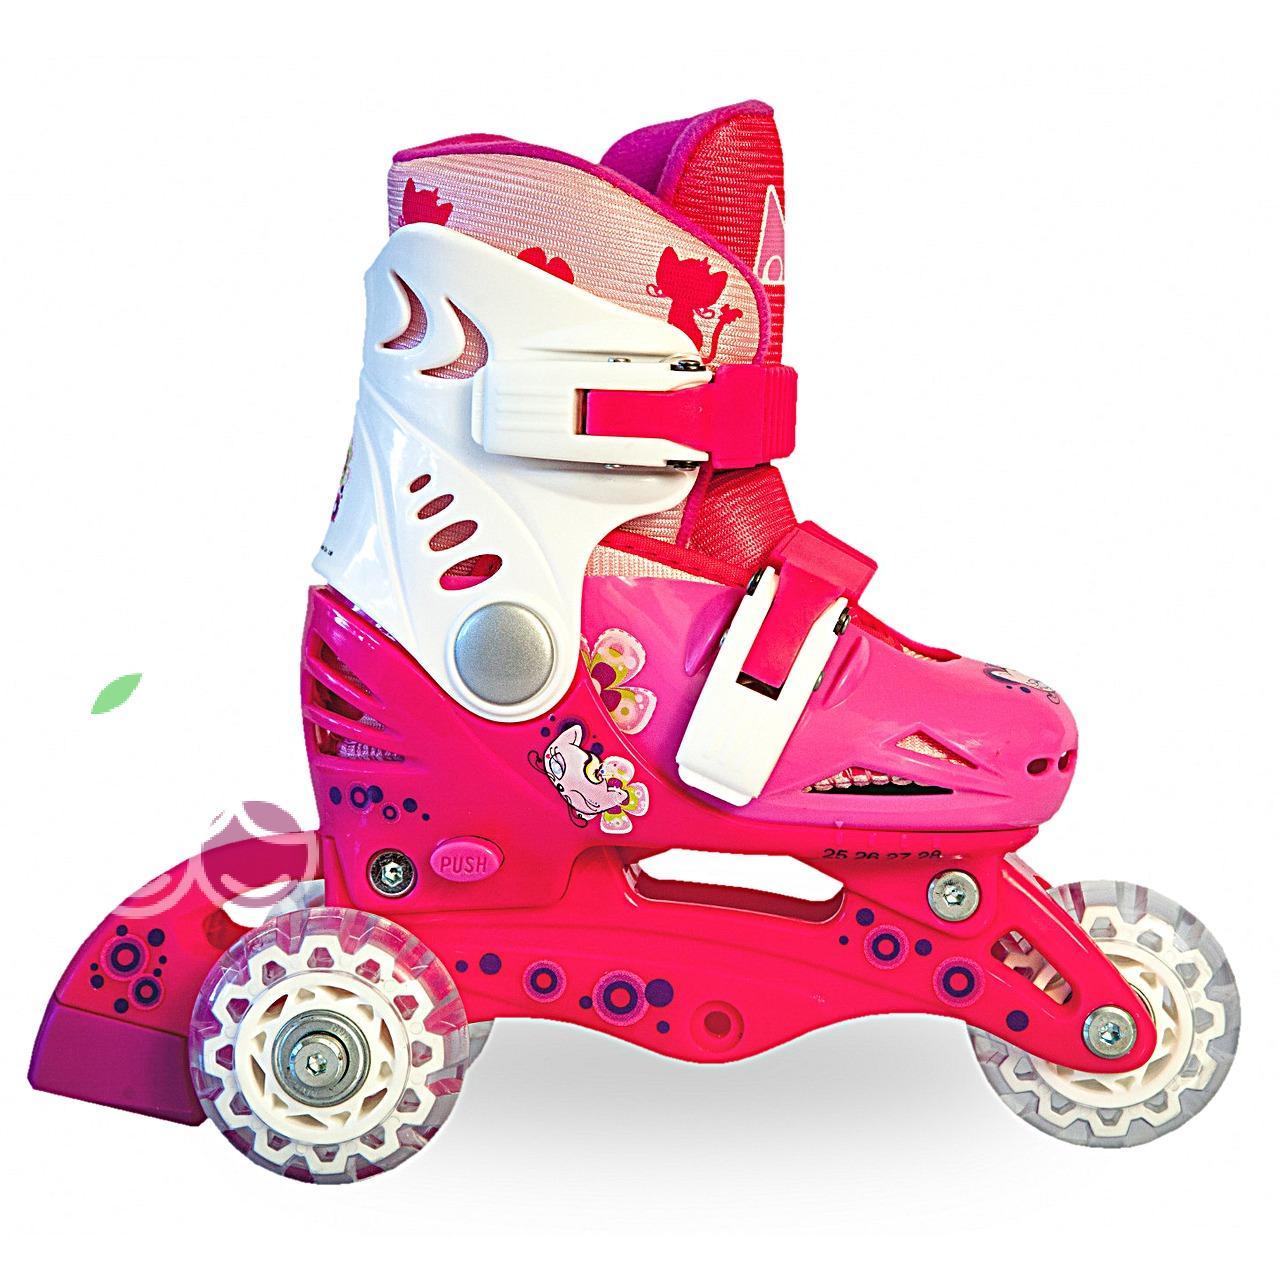 Роликовые коньки детские 26 размер, для обучения (трансформеры, раздвижной ботинок) MagicWheels розовые, - фото 2